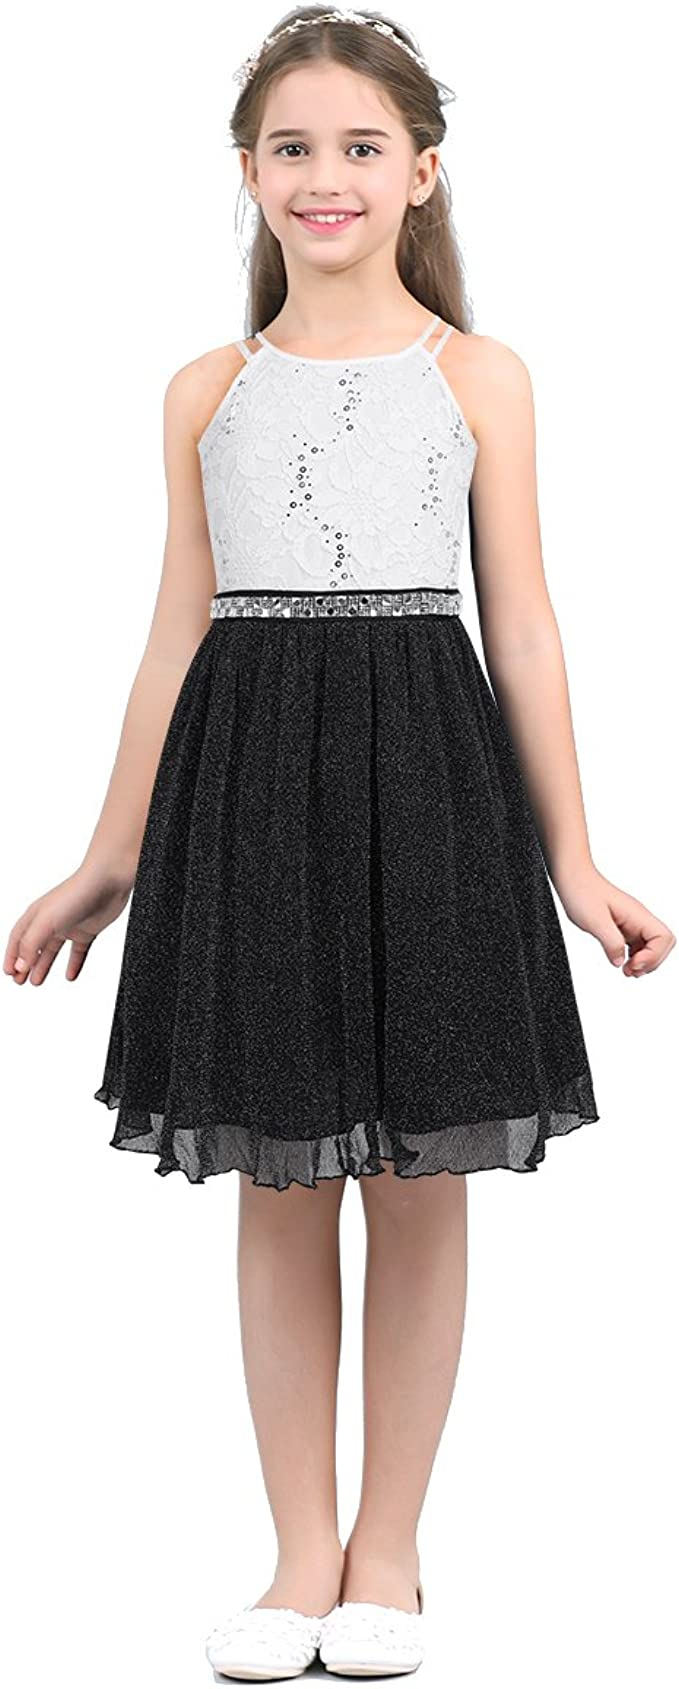 inhzoy inhzoy Kleid für Kinder mit glänzenden Pailletten, für